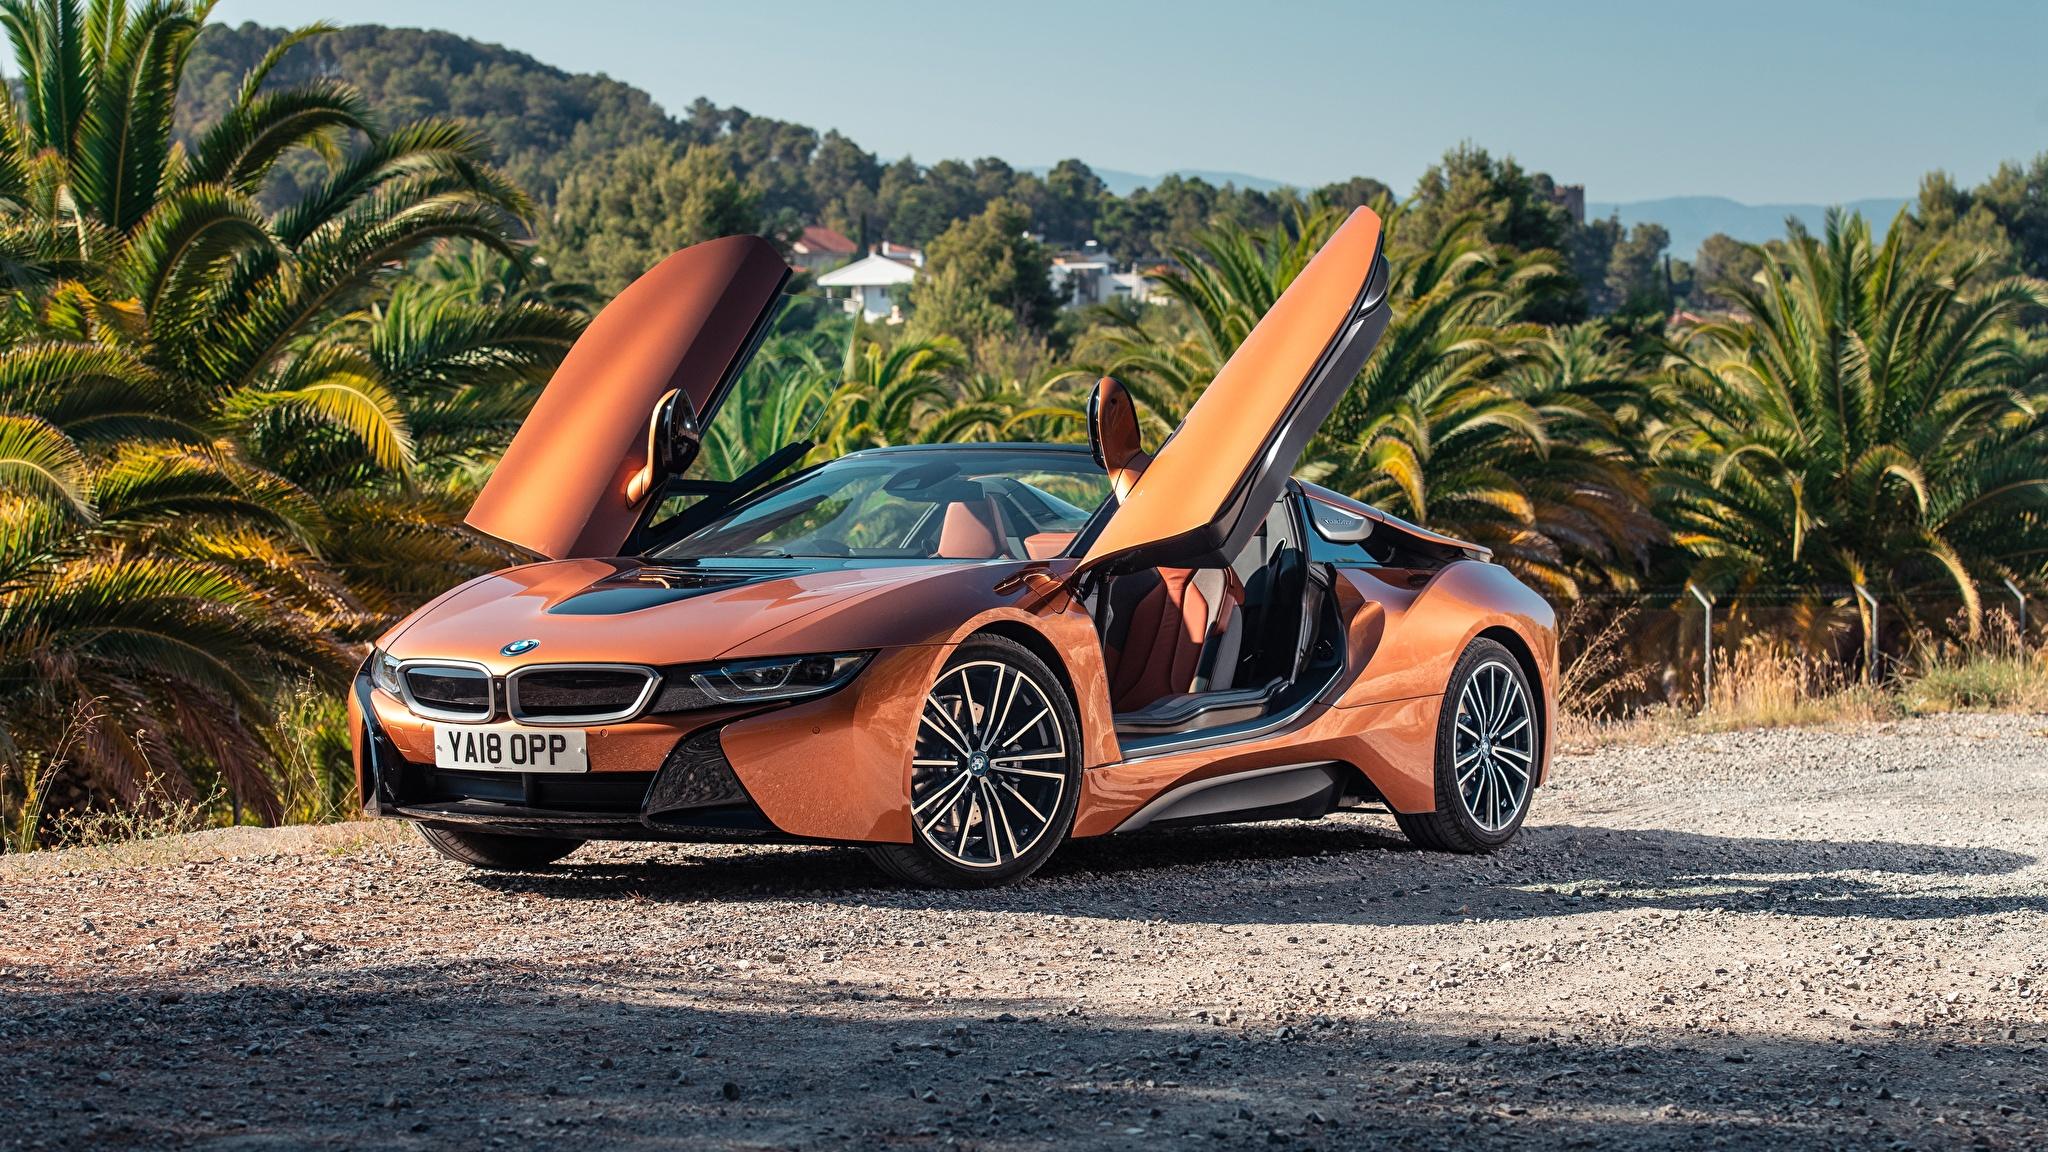 Картинка BMW 2018 i8 Родстер Оранжевый Автомобили 2048x1152 БМВ Авто Машины